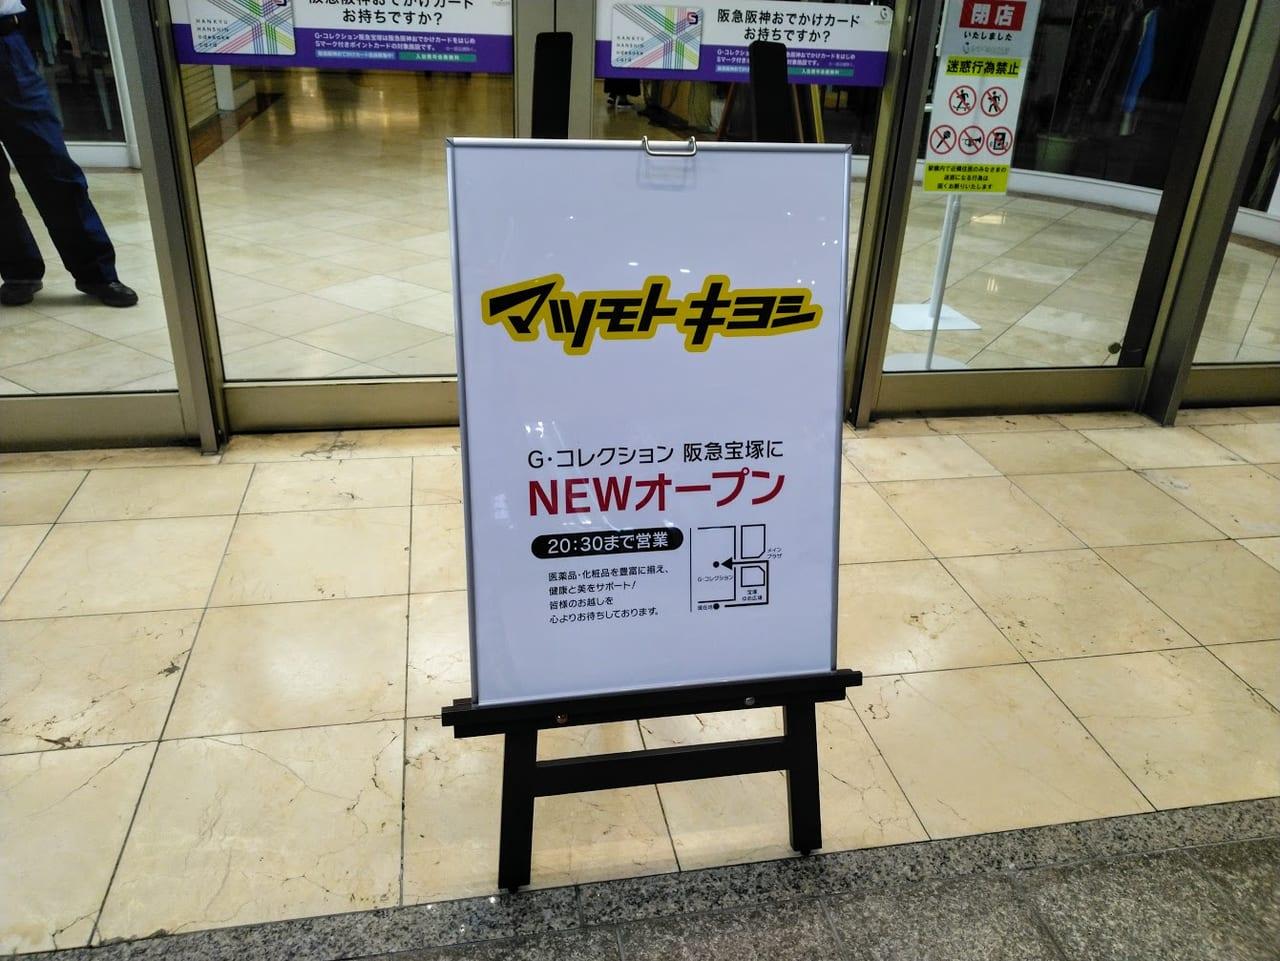 gコレクション阪急宝塚のマツモトキヨシは20時30分まで営業中